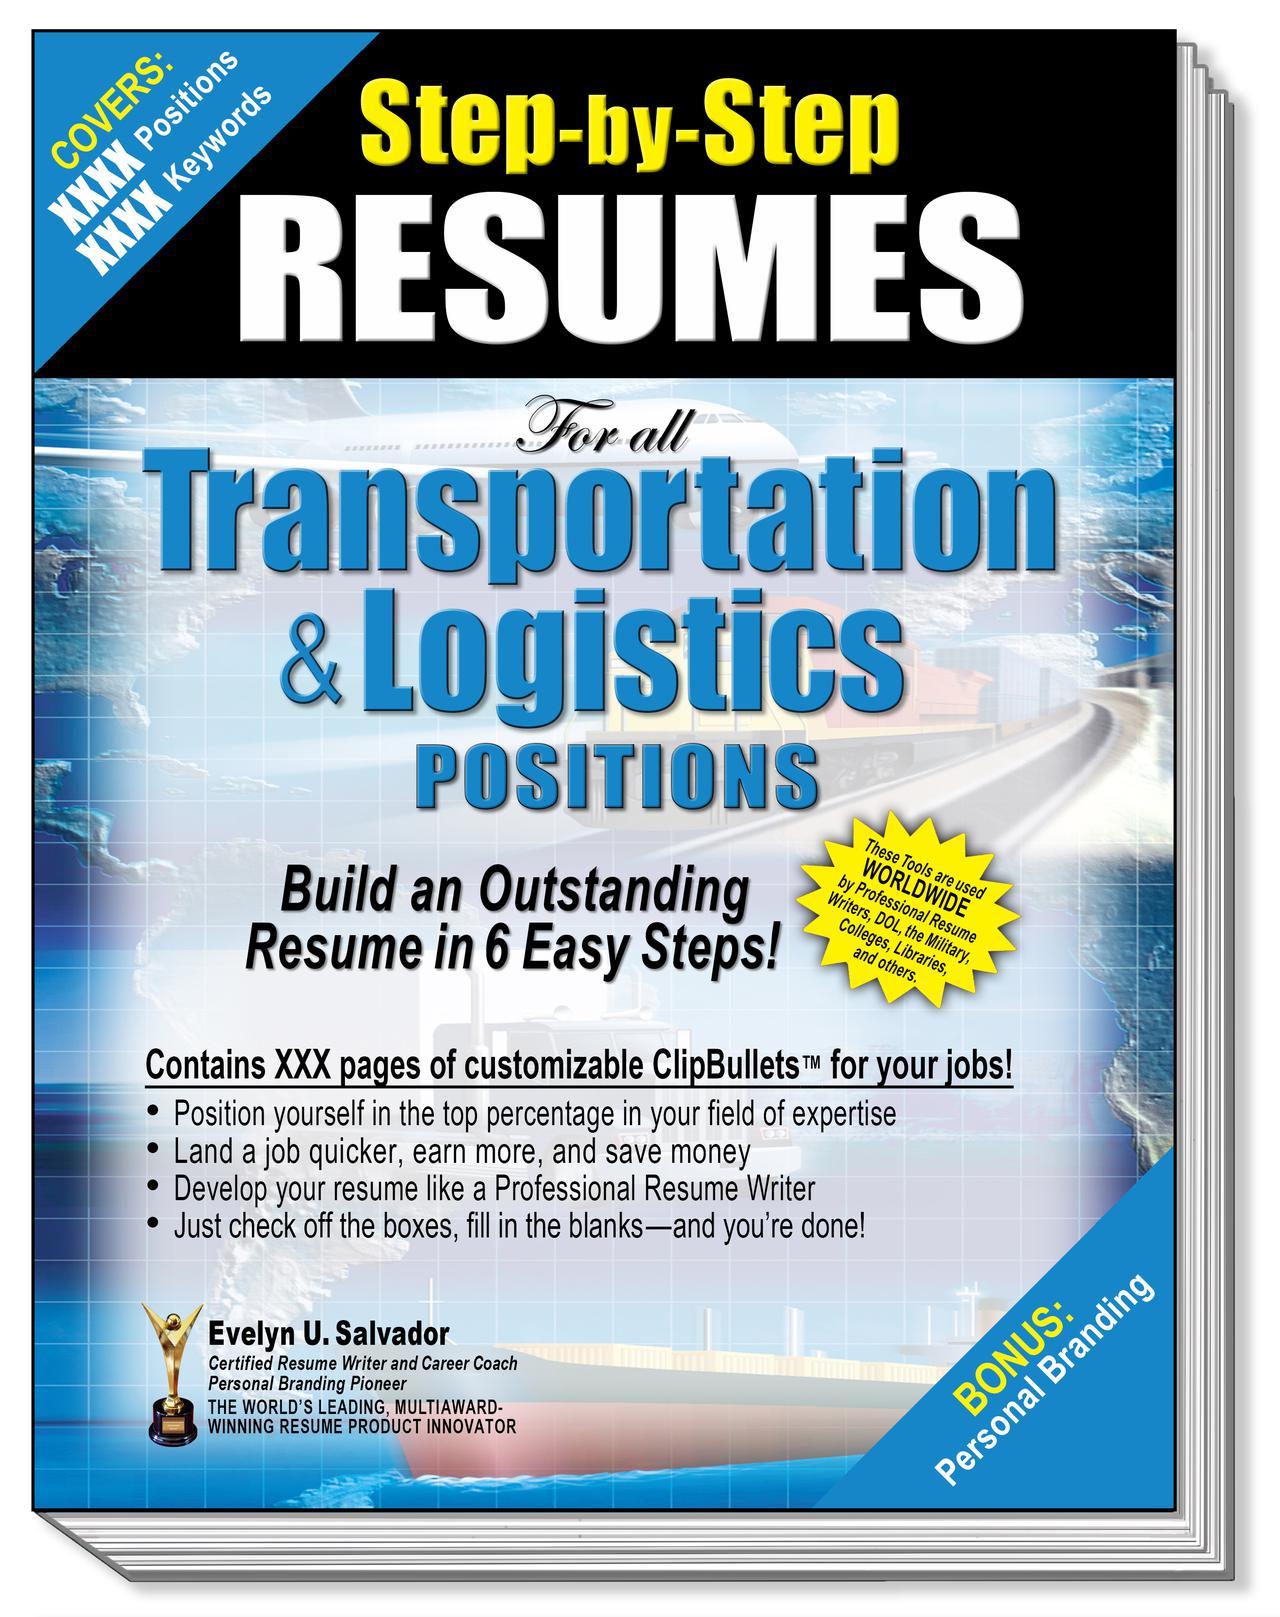 transportation & logistics.jpg